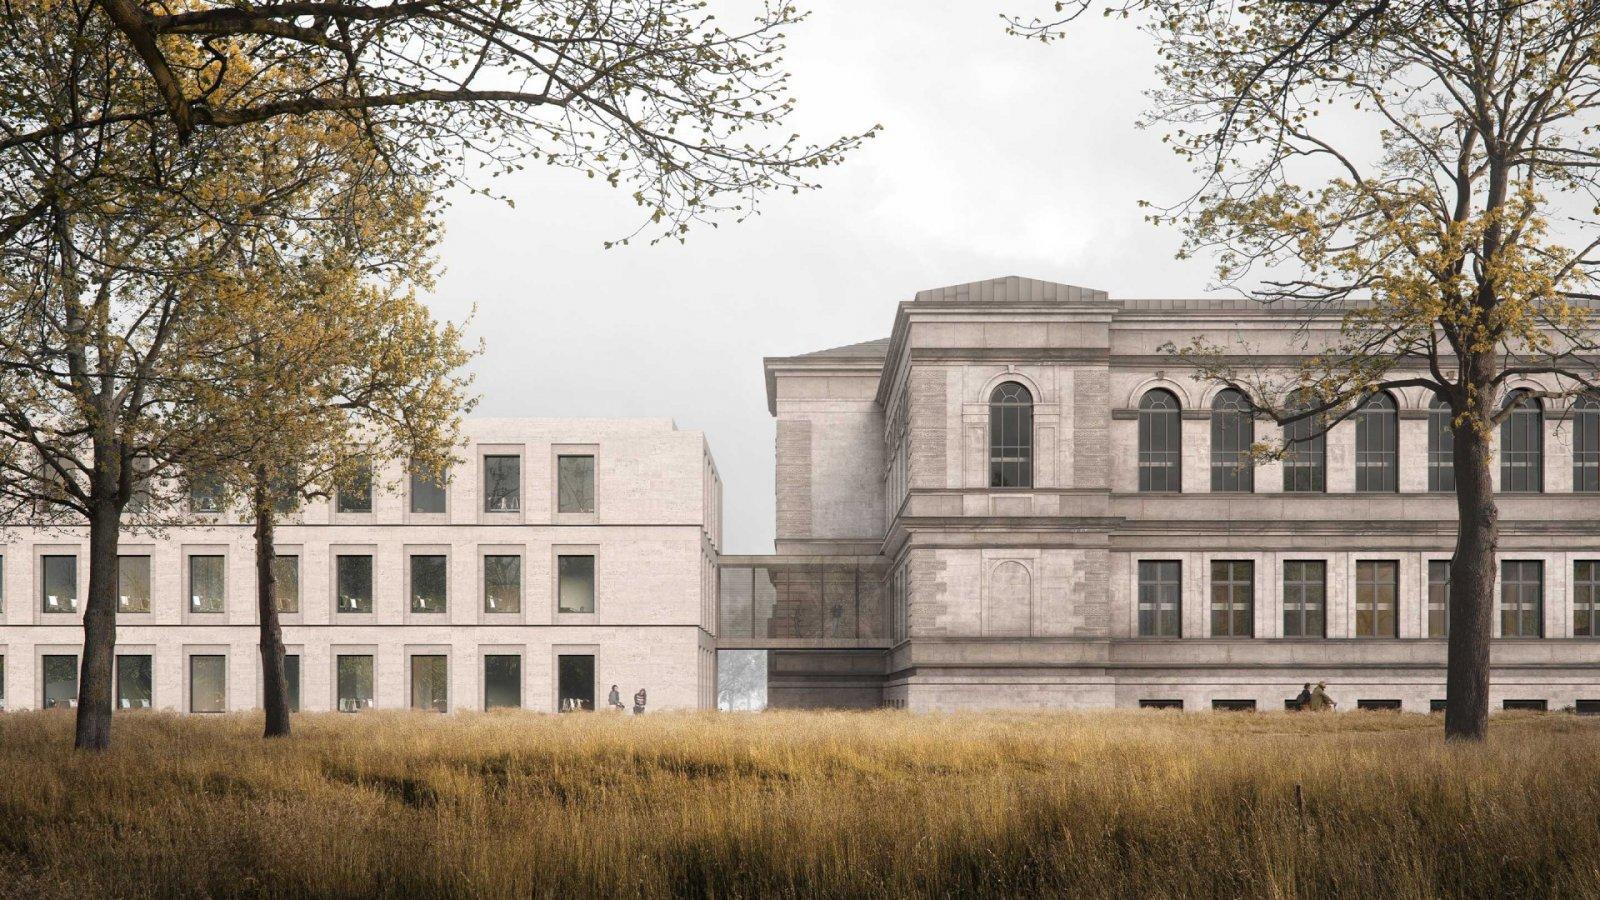 Annex for the Herzog August Library, Wolfenbüttel